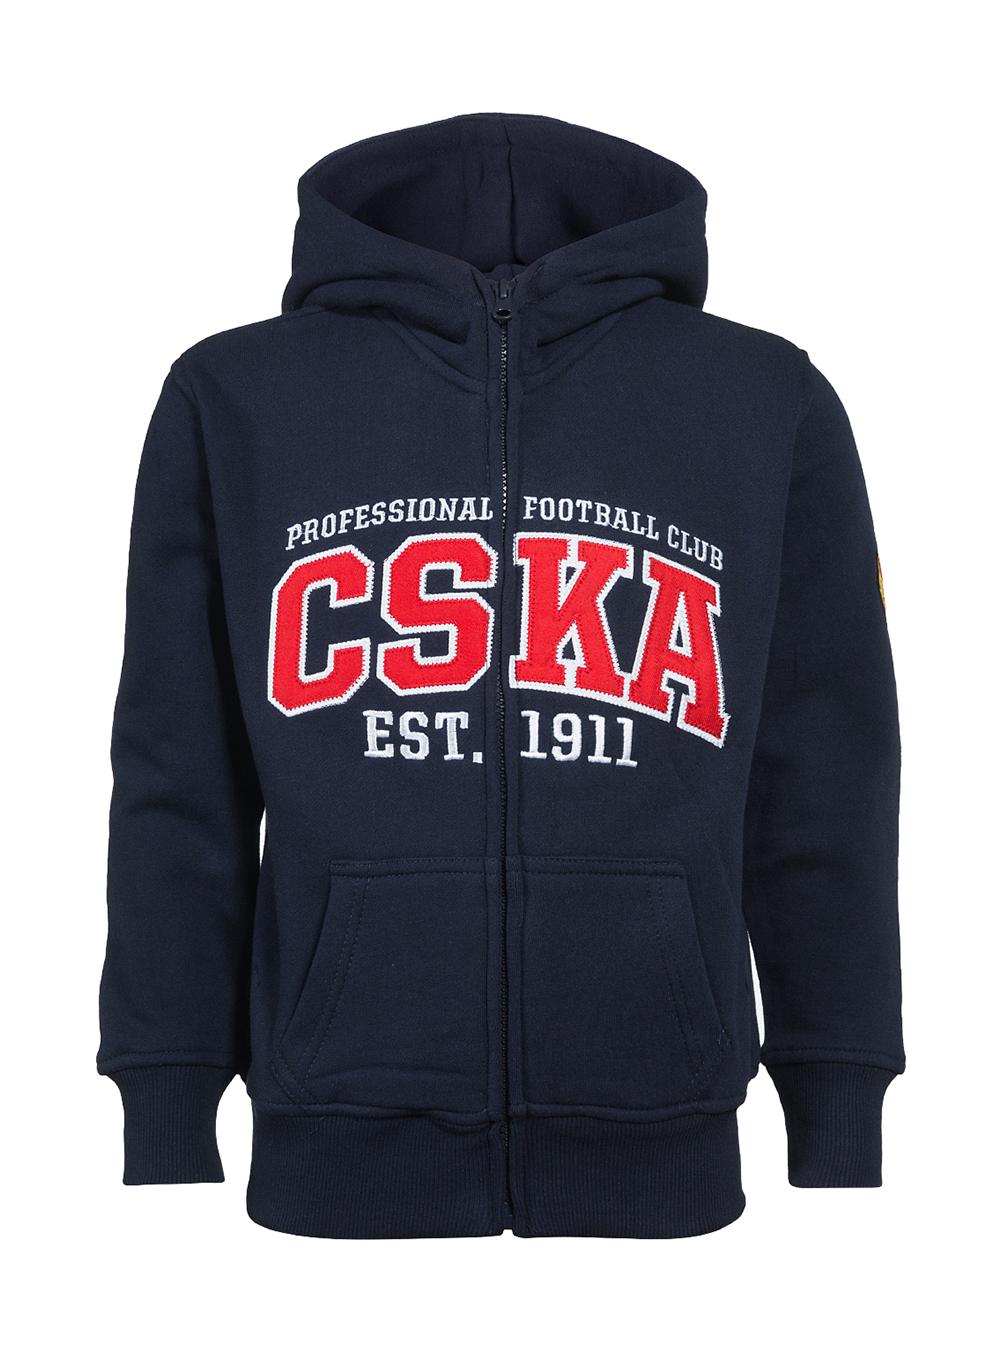 Толстовка детская на молнии с капюшоном CSKA, цвет синий (122/128)Одежда<br>Толстовка детская на молнии с капюшоном CSKA, цвет синий<br>